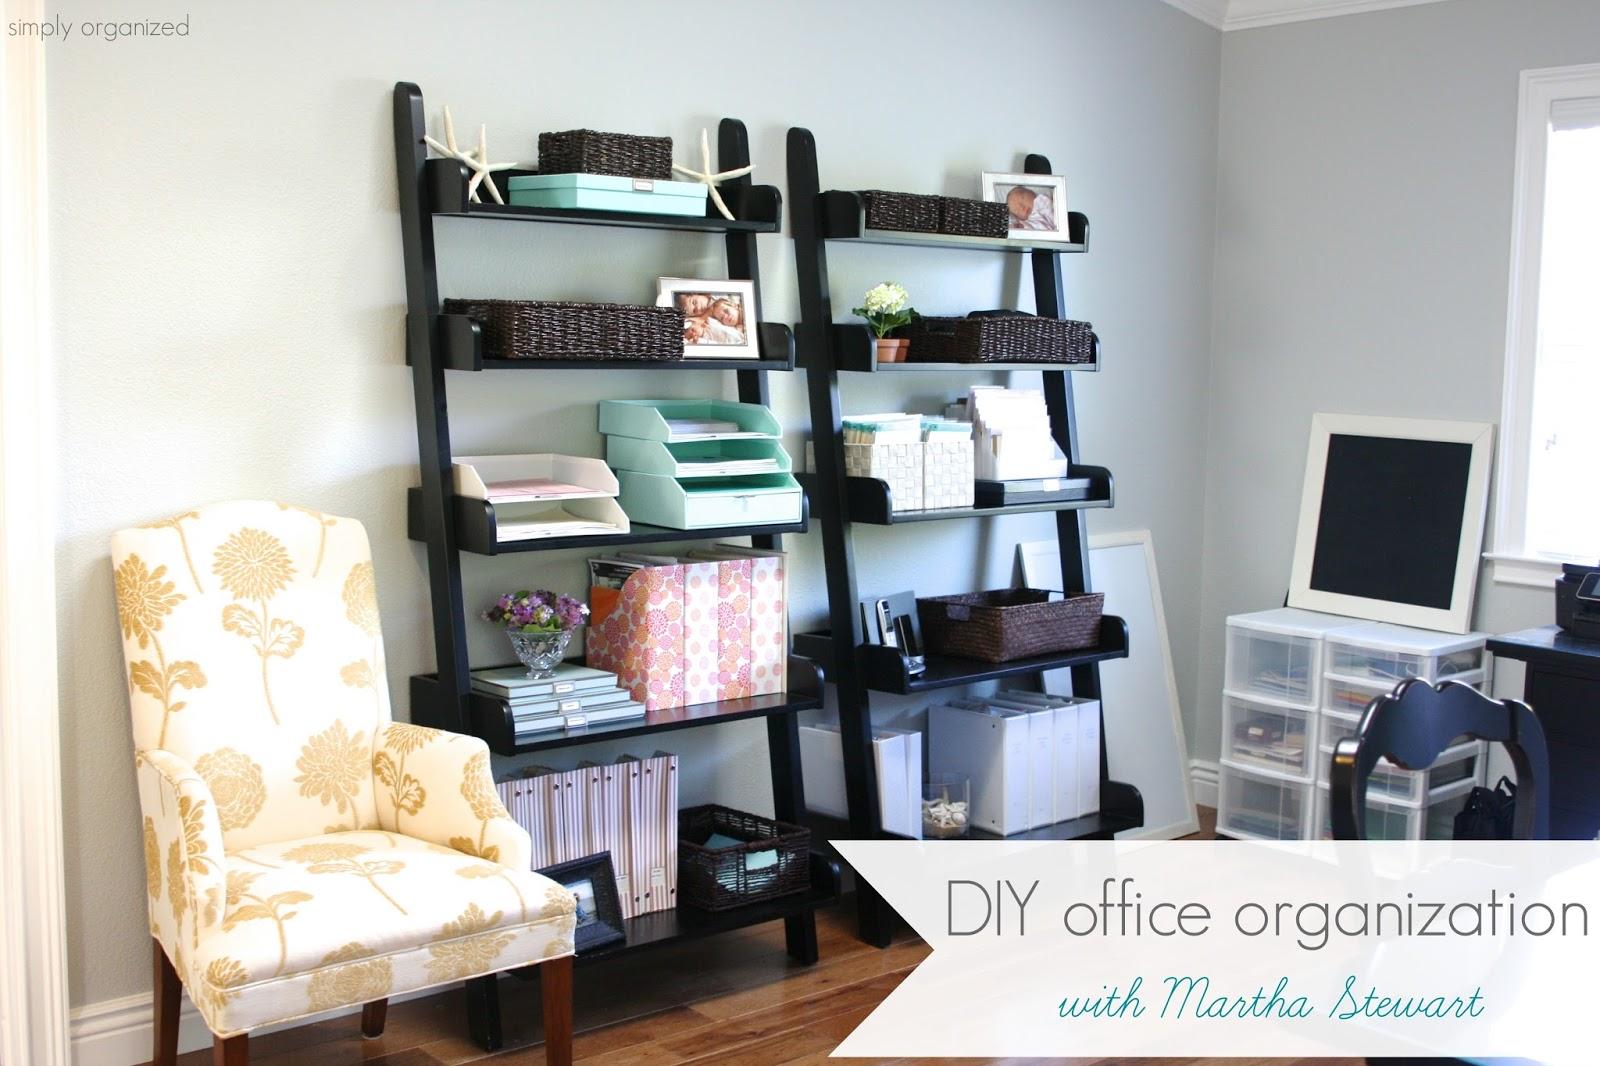 simply organized: DIY office organization